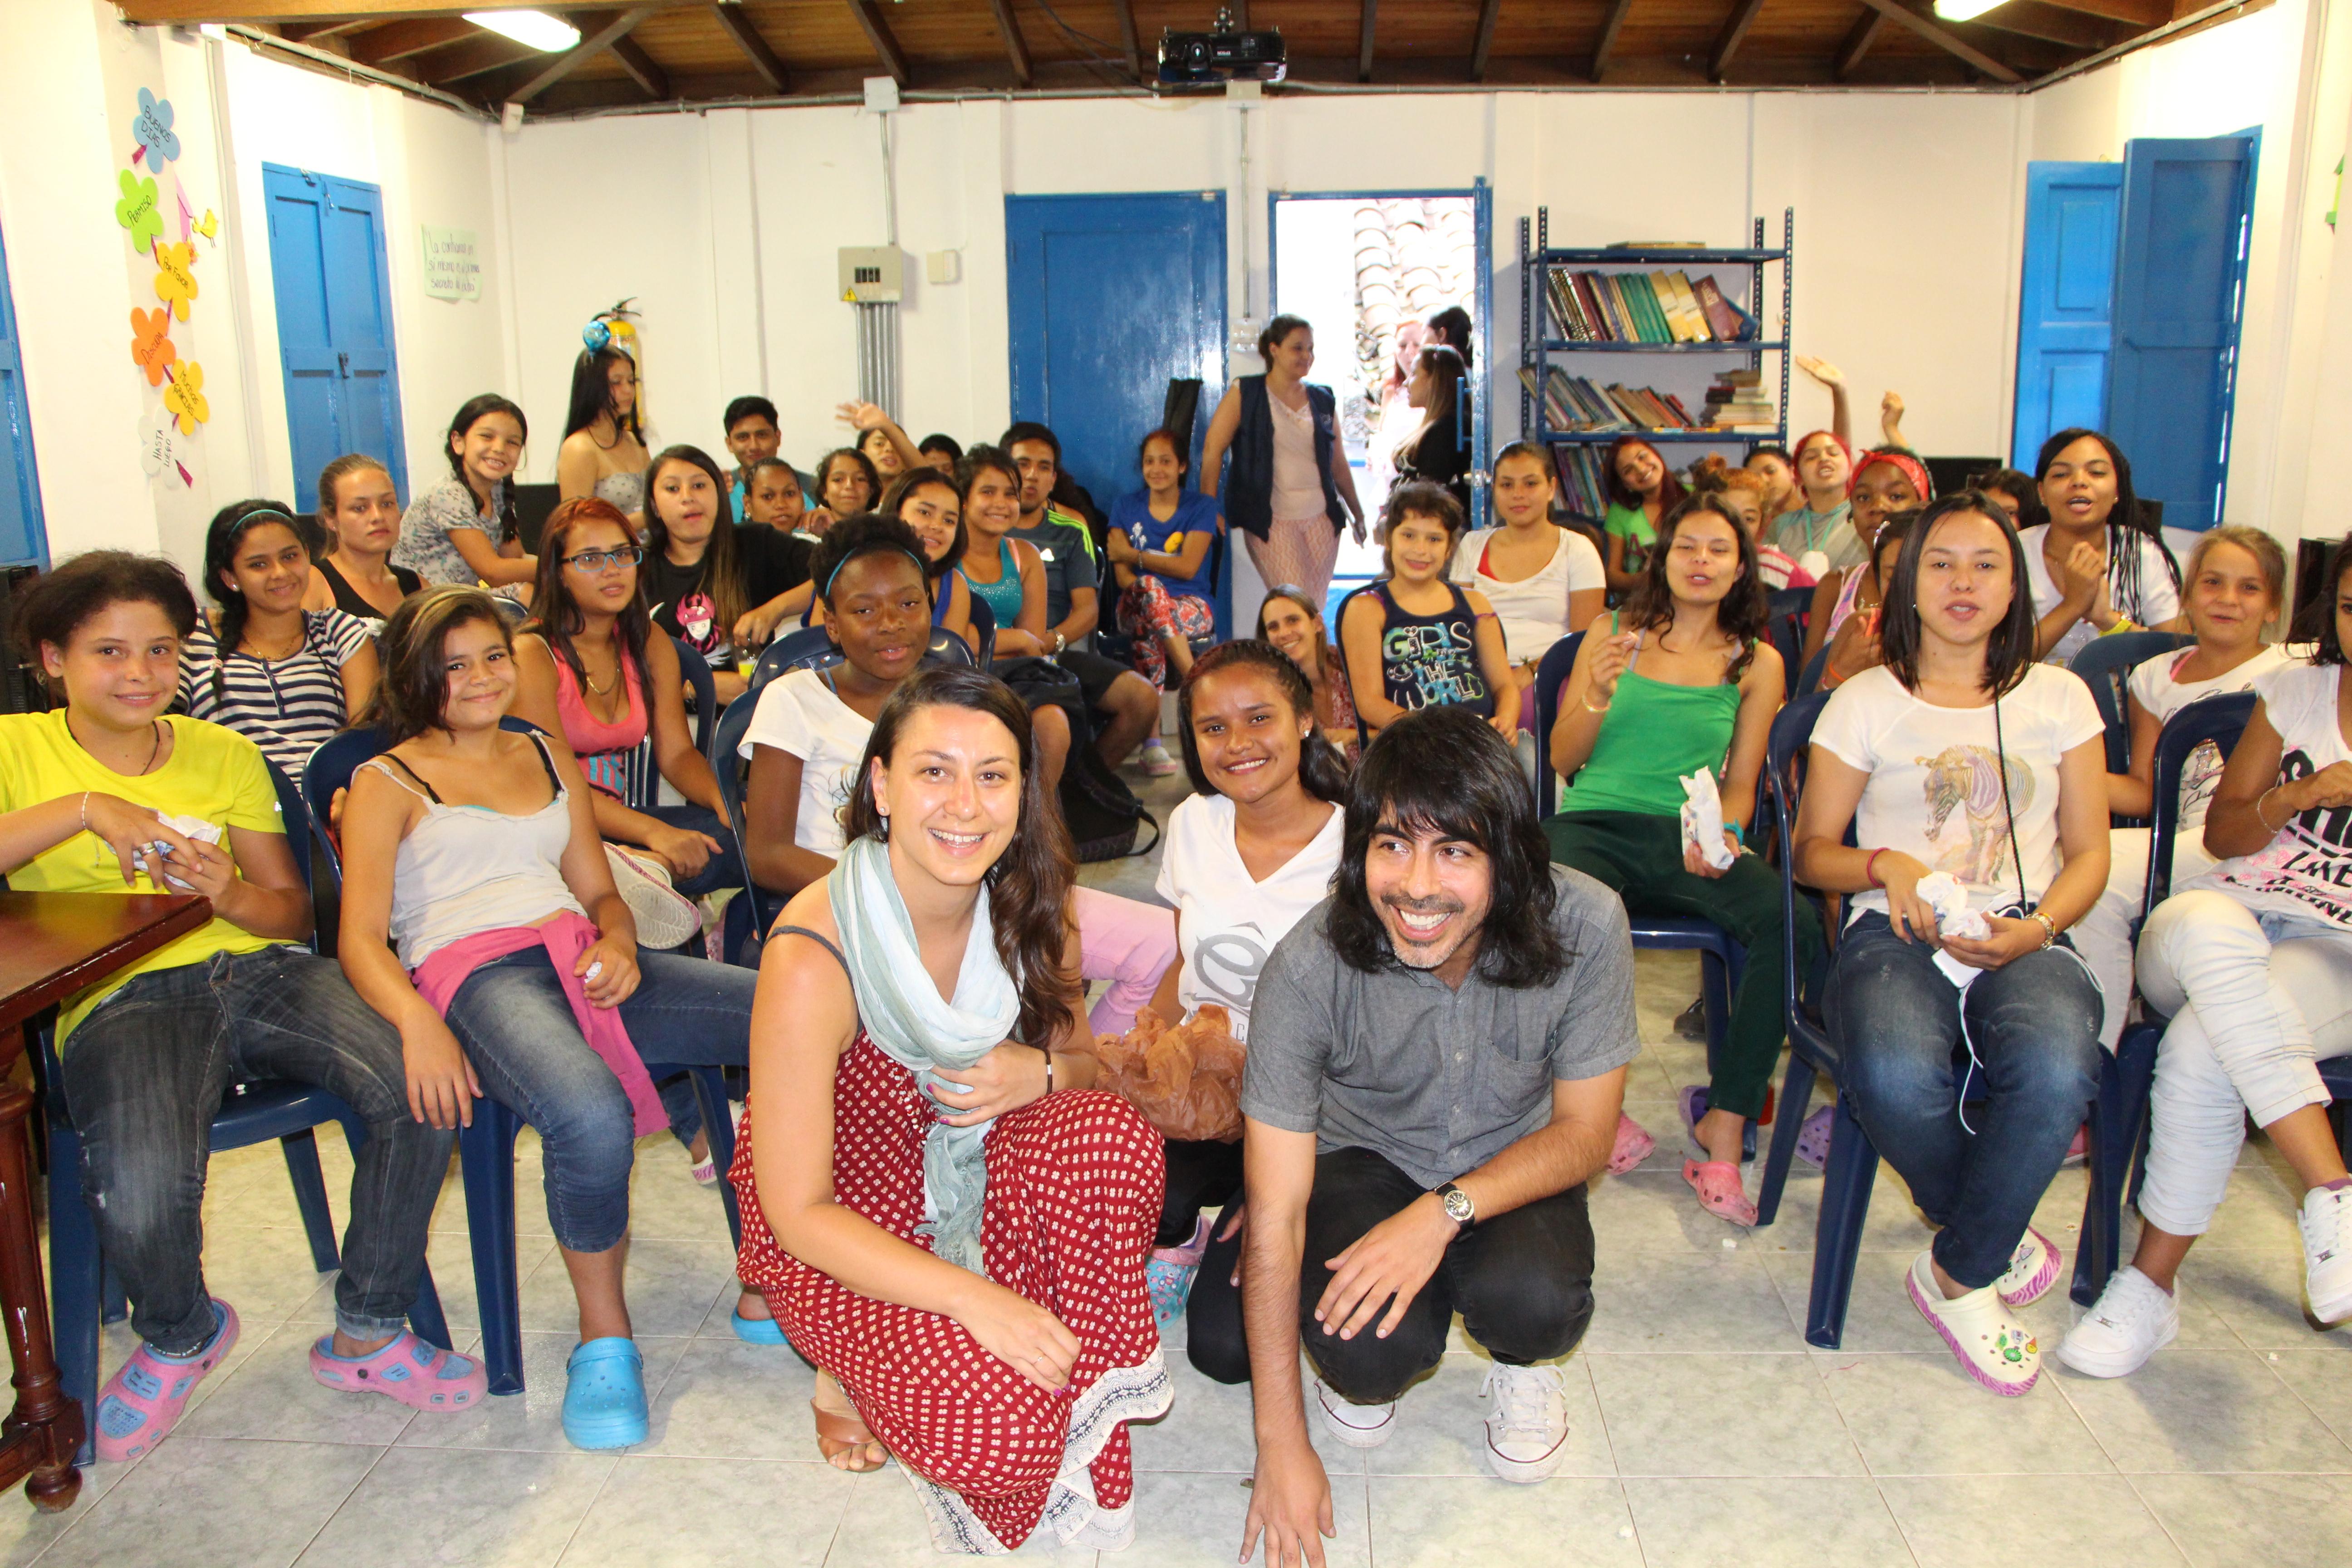 Carmen Vidal & Carlos Ledesma teach